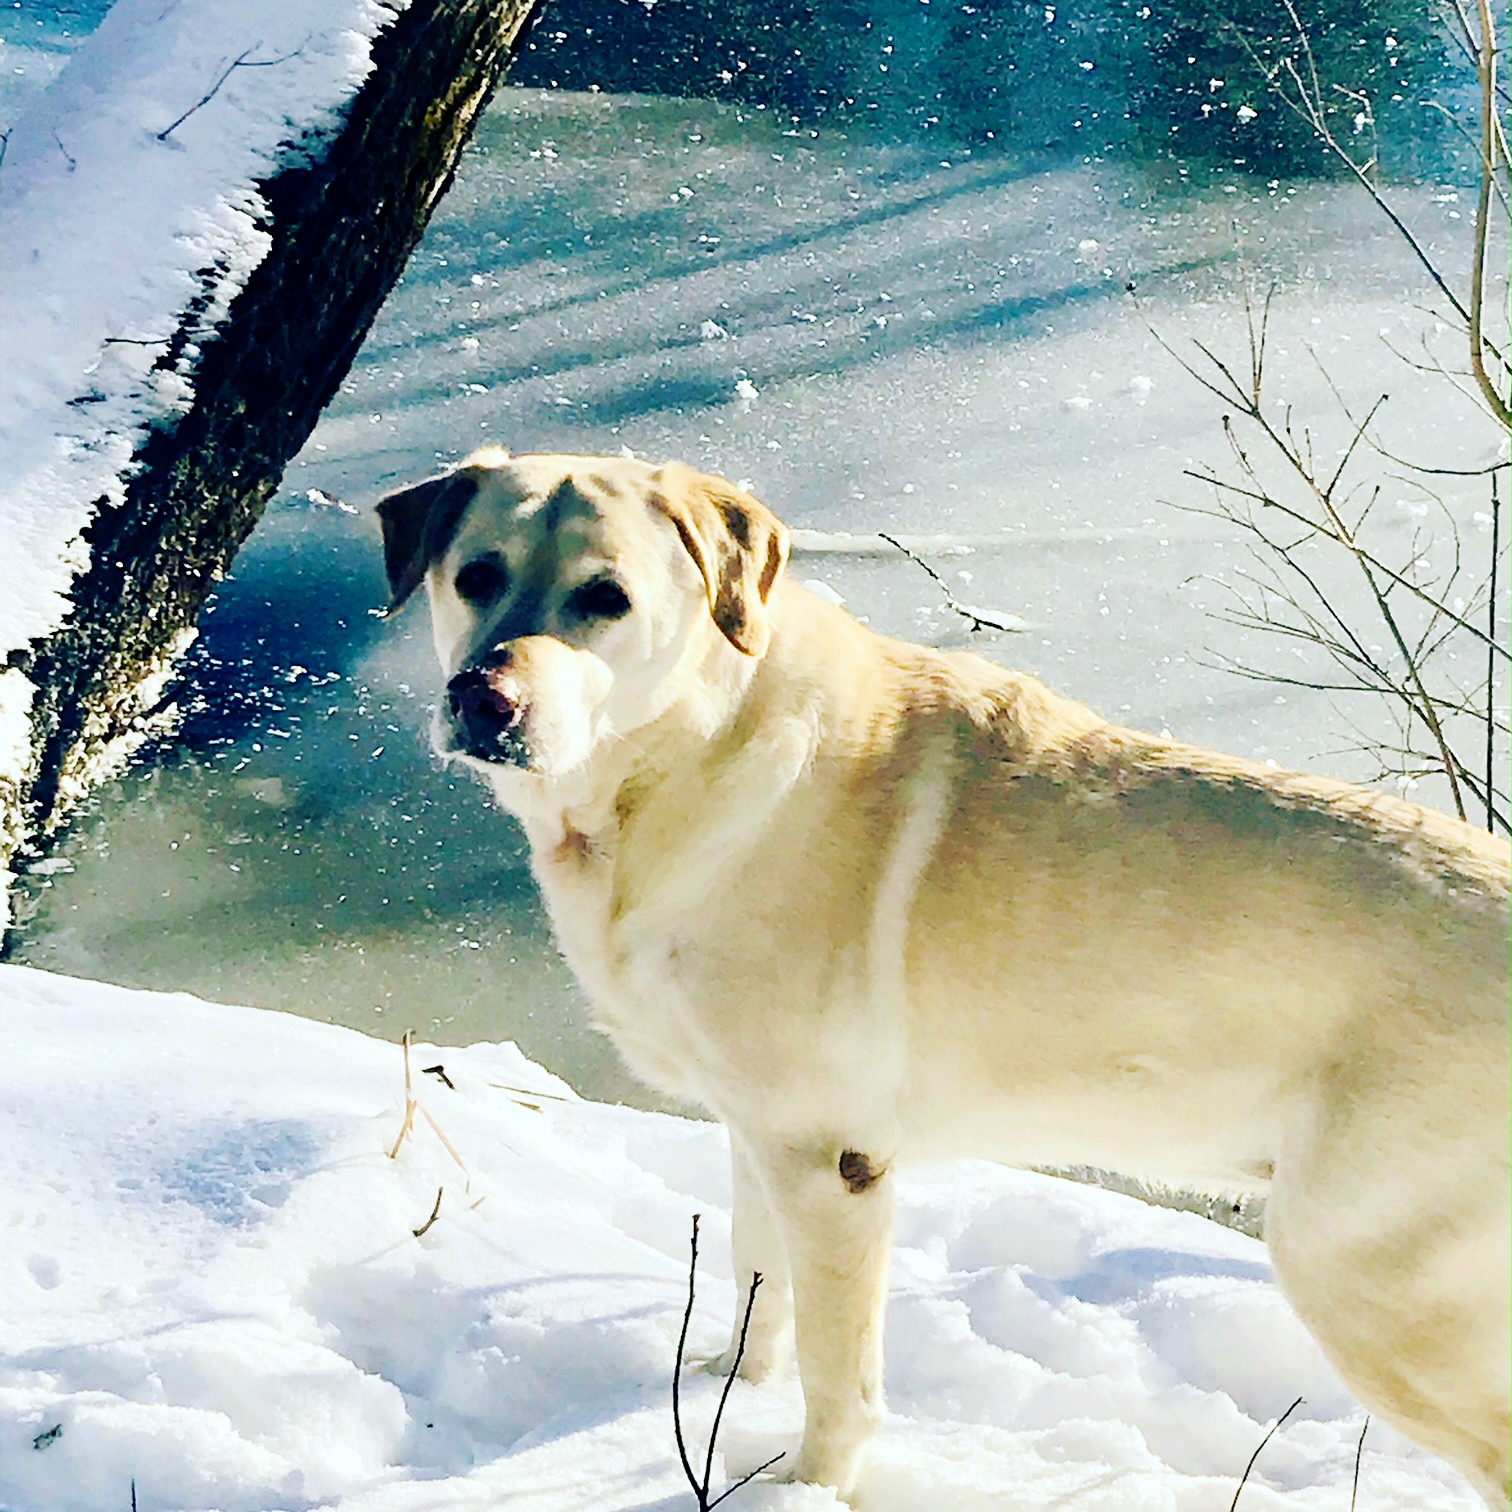 Suzi at the river